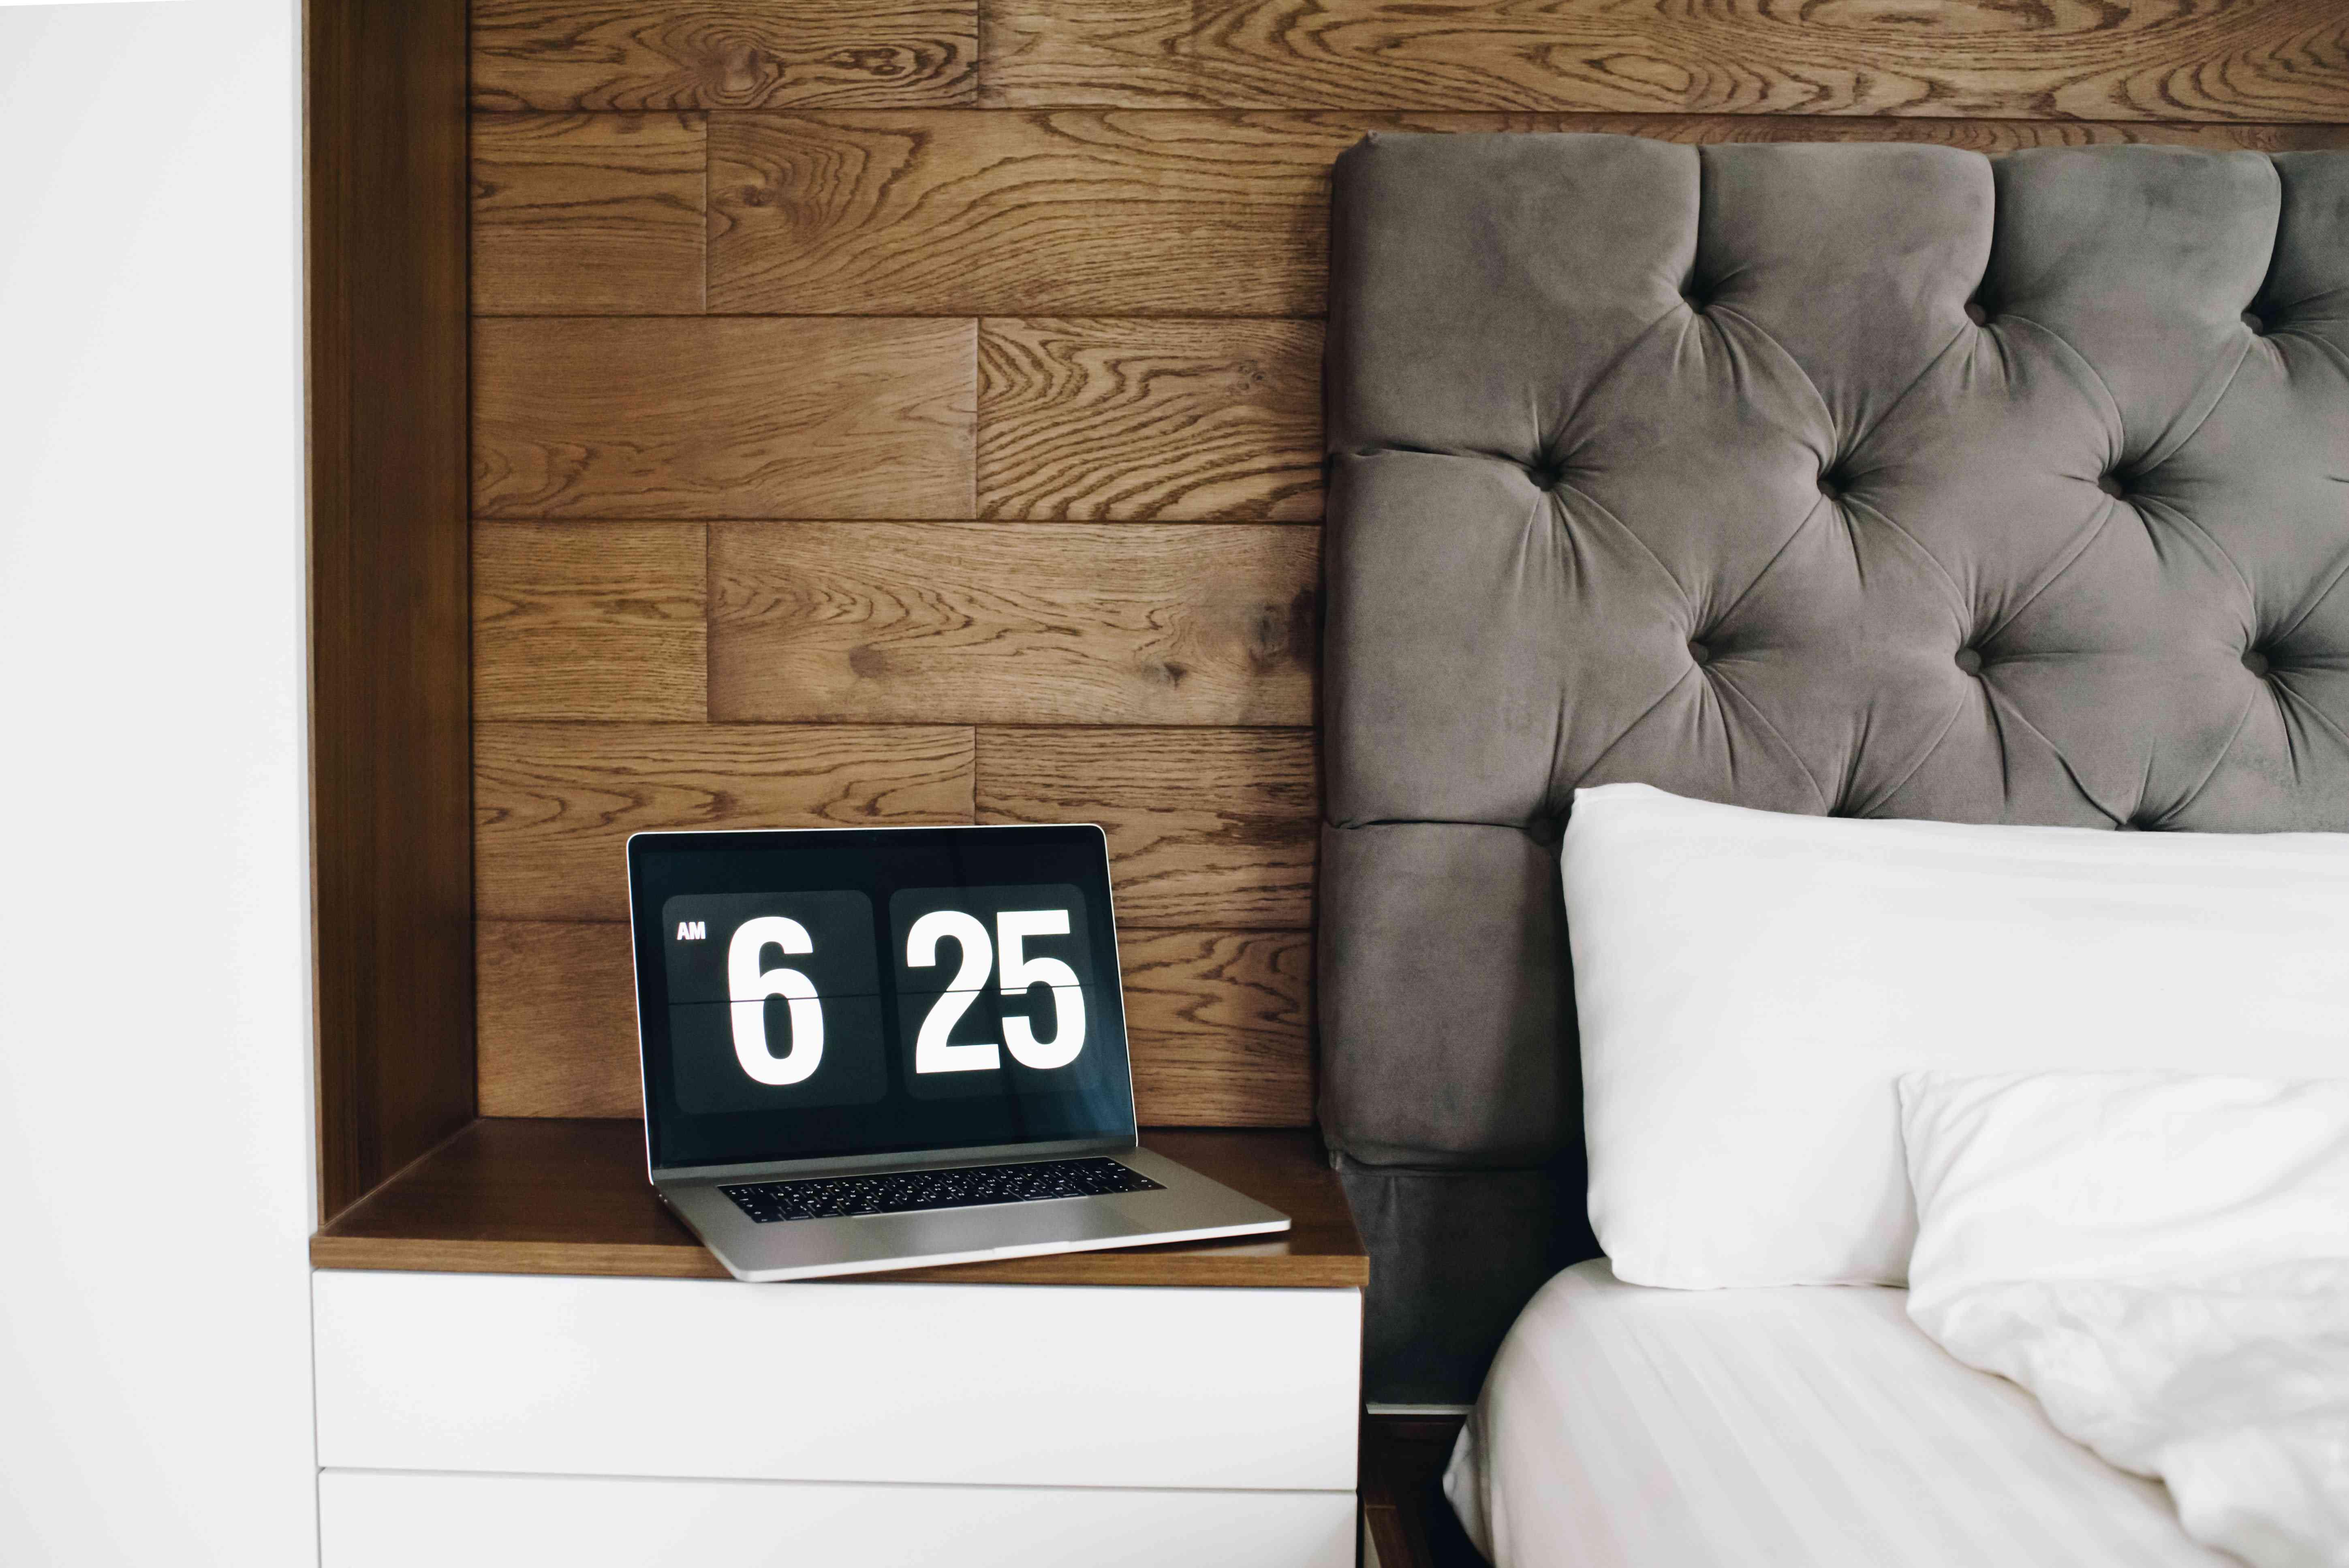 headboard on bed